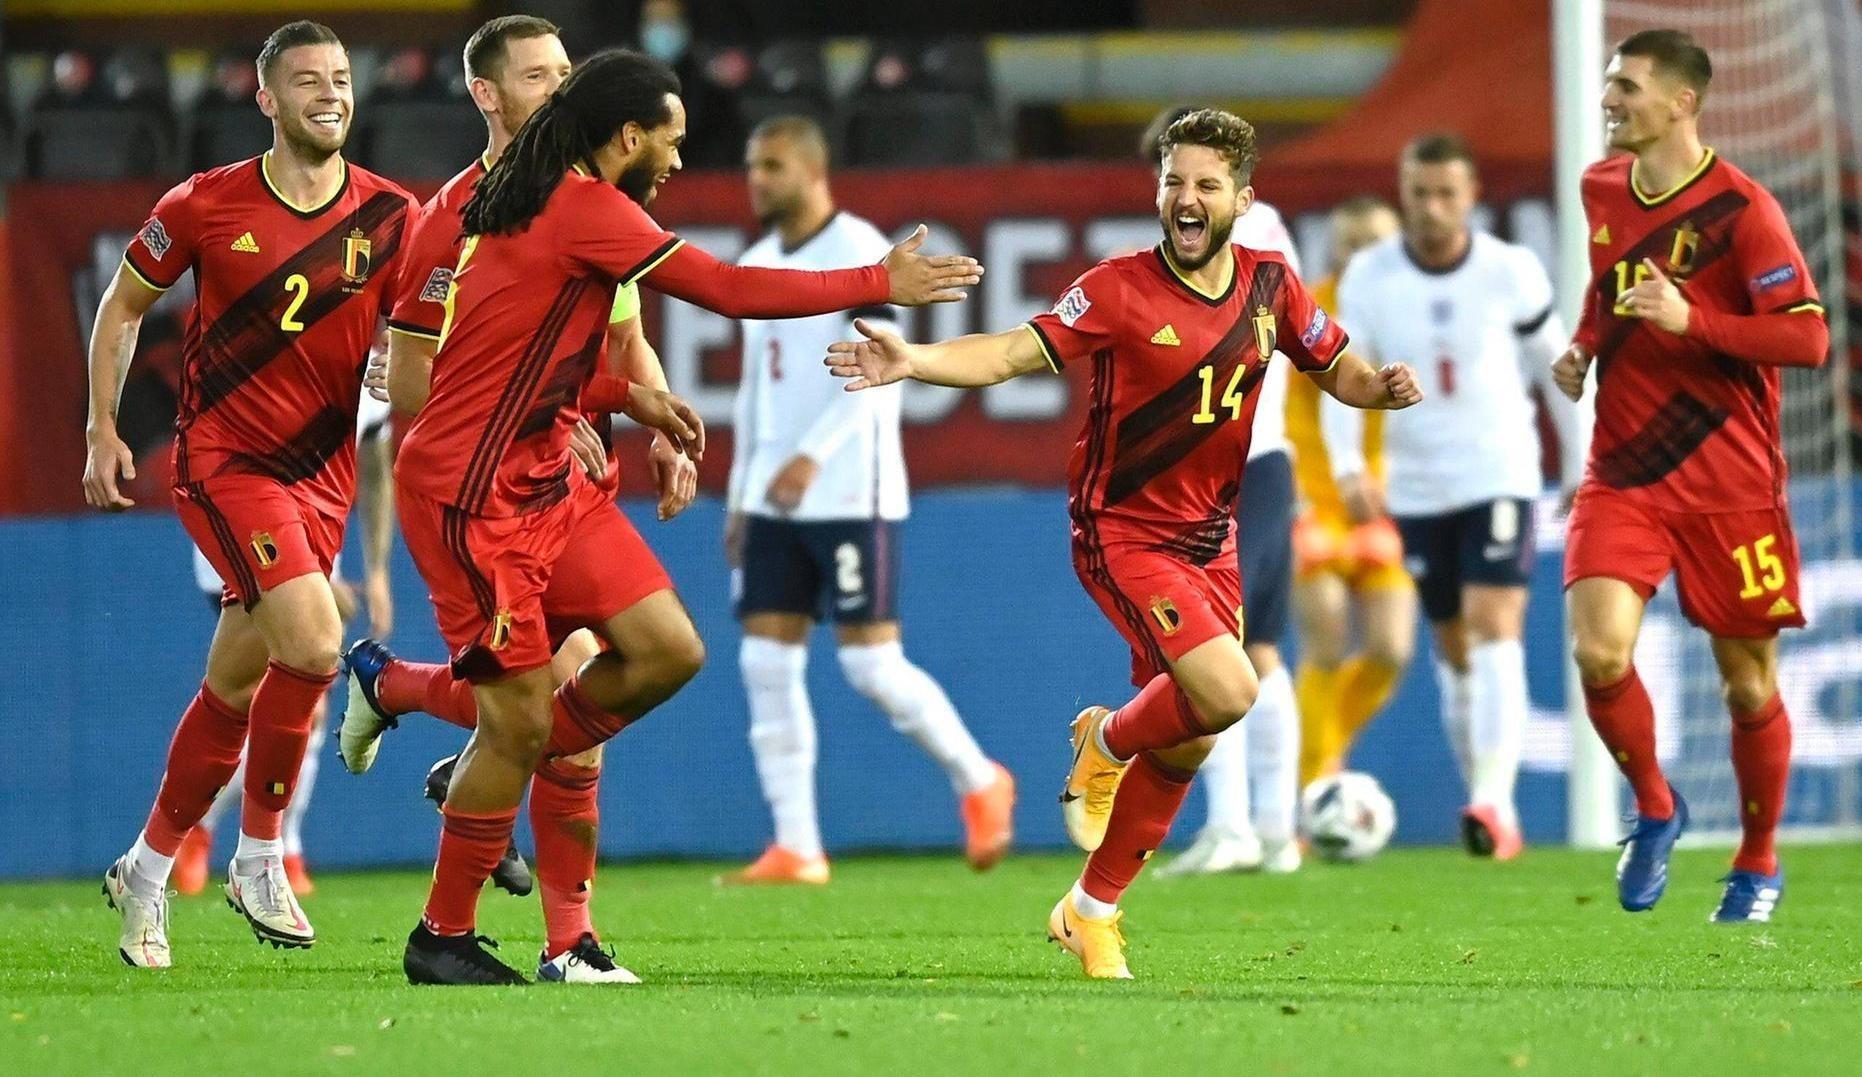 فازت بلجيكا على إنكلترا 2-0